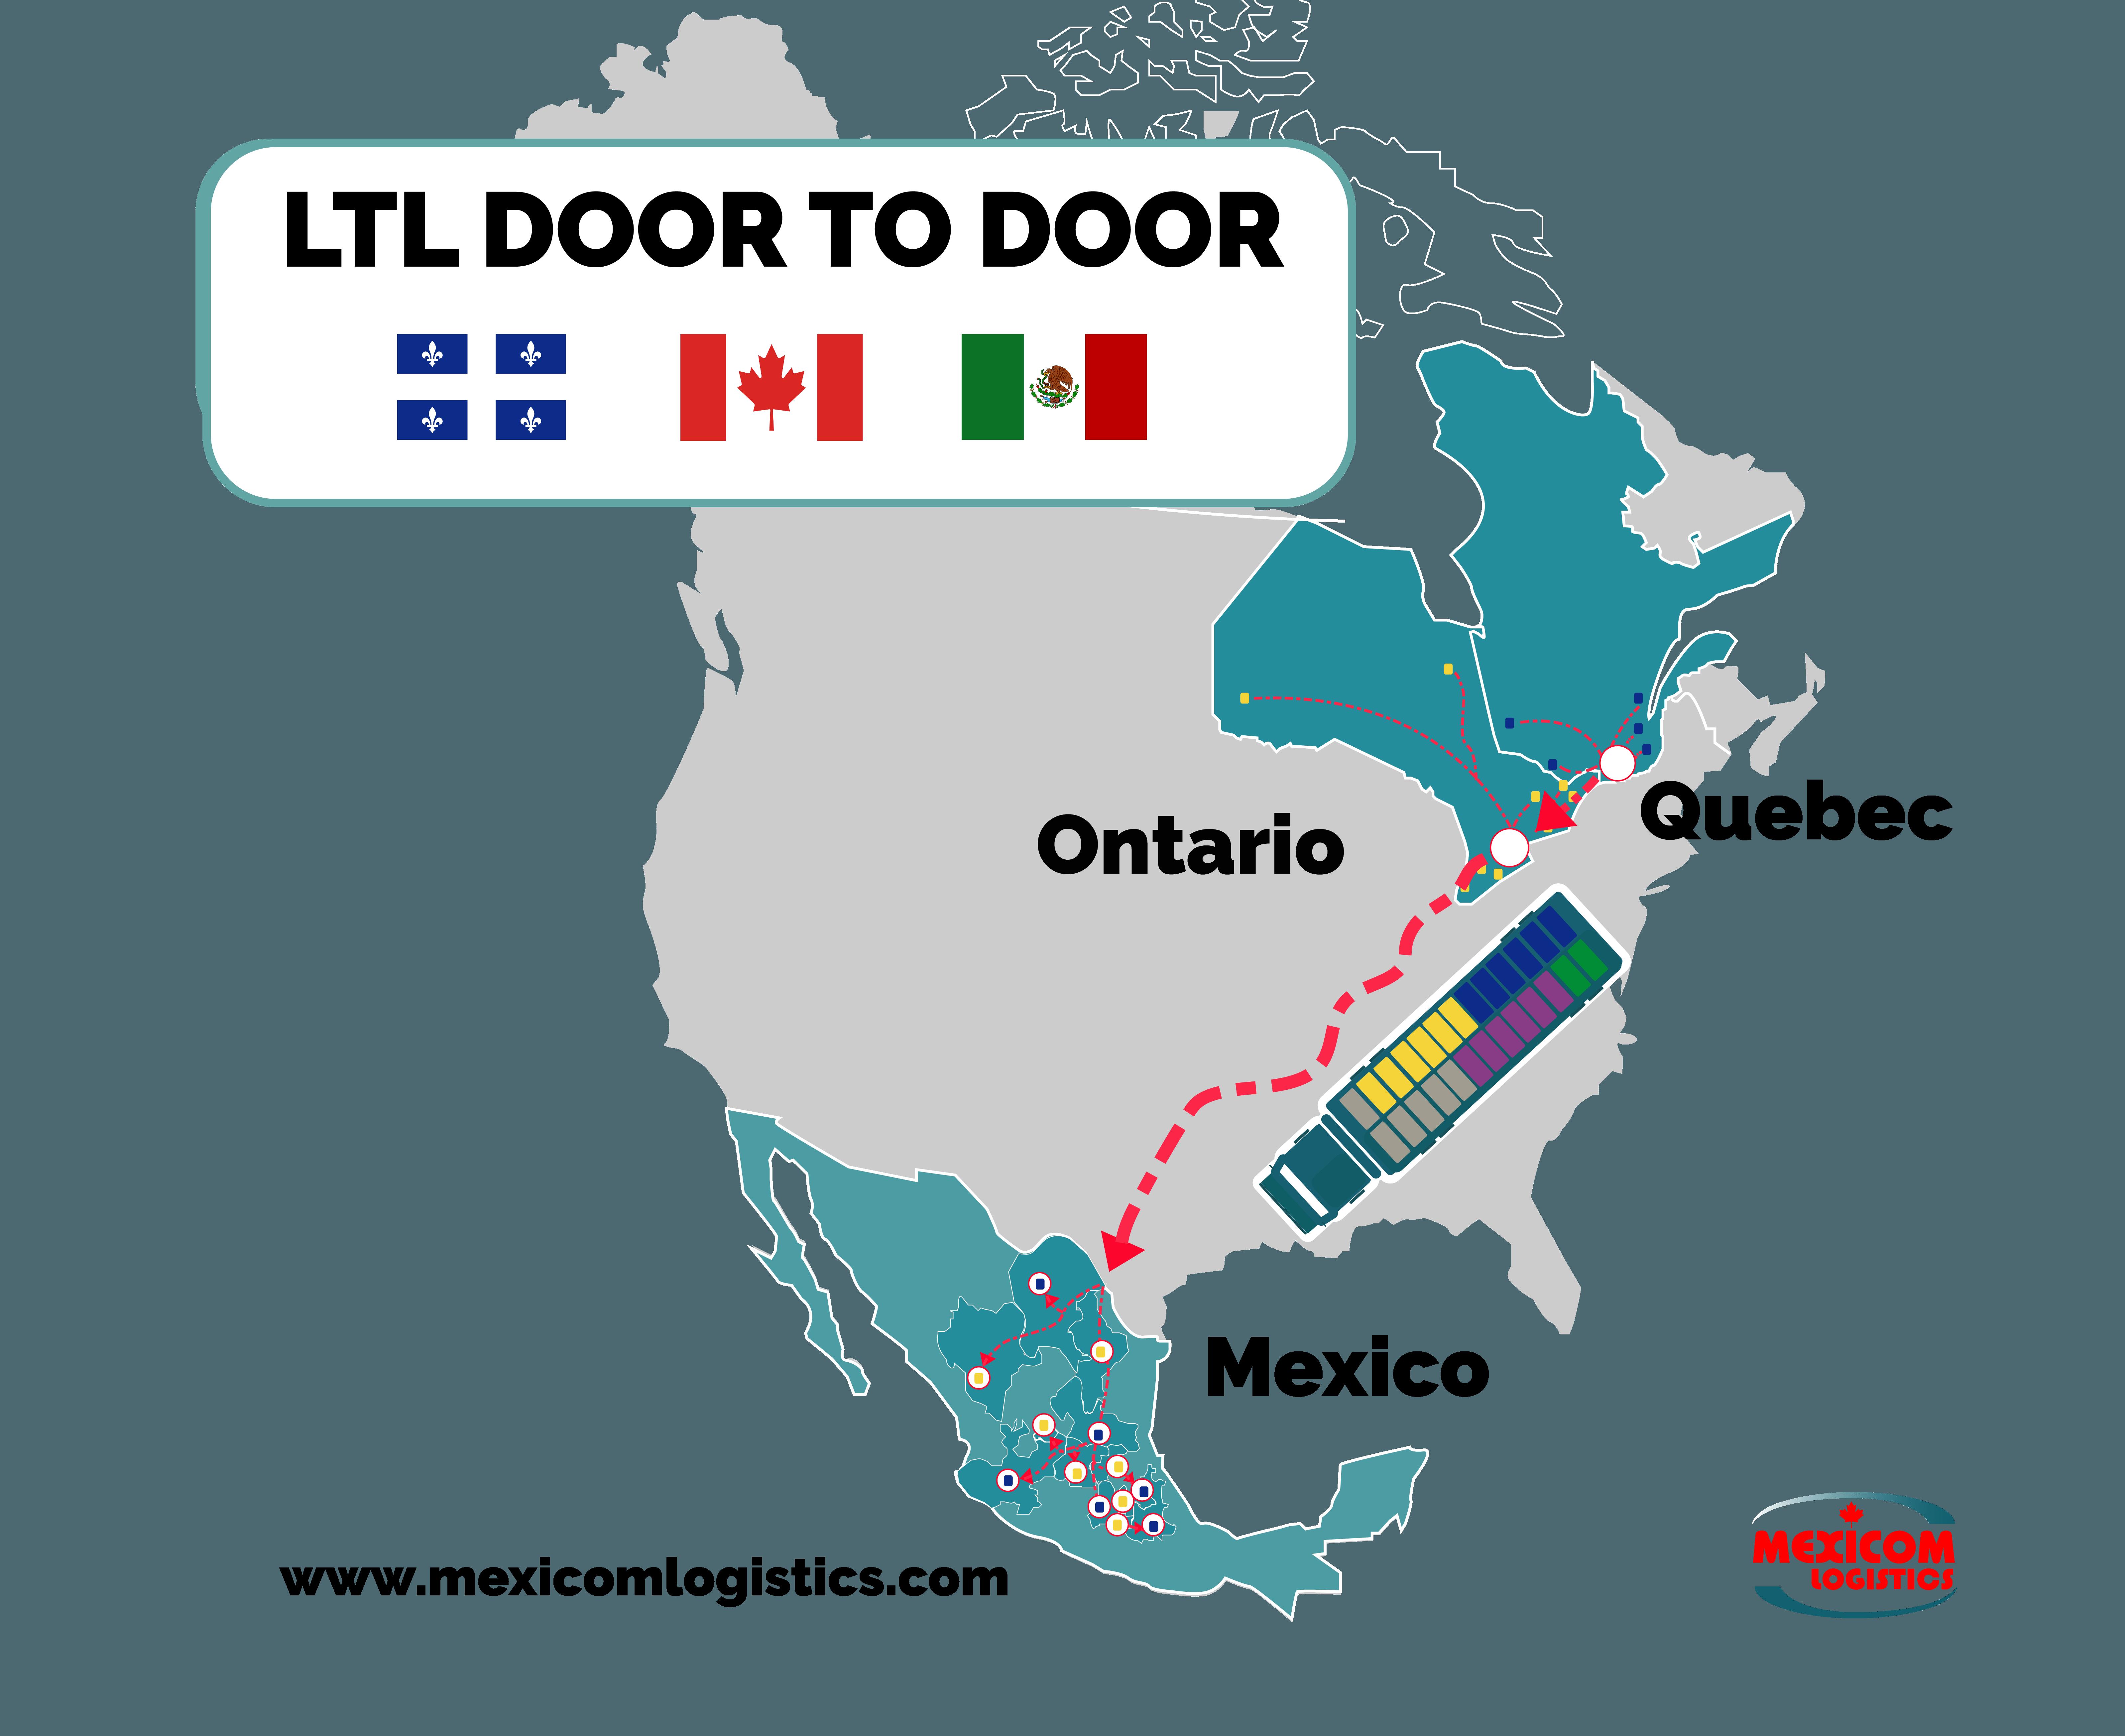 LTL Quebec Ontario Mexico - Mexicom Logistics